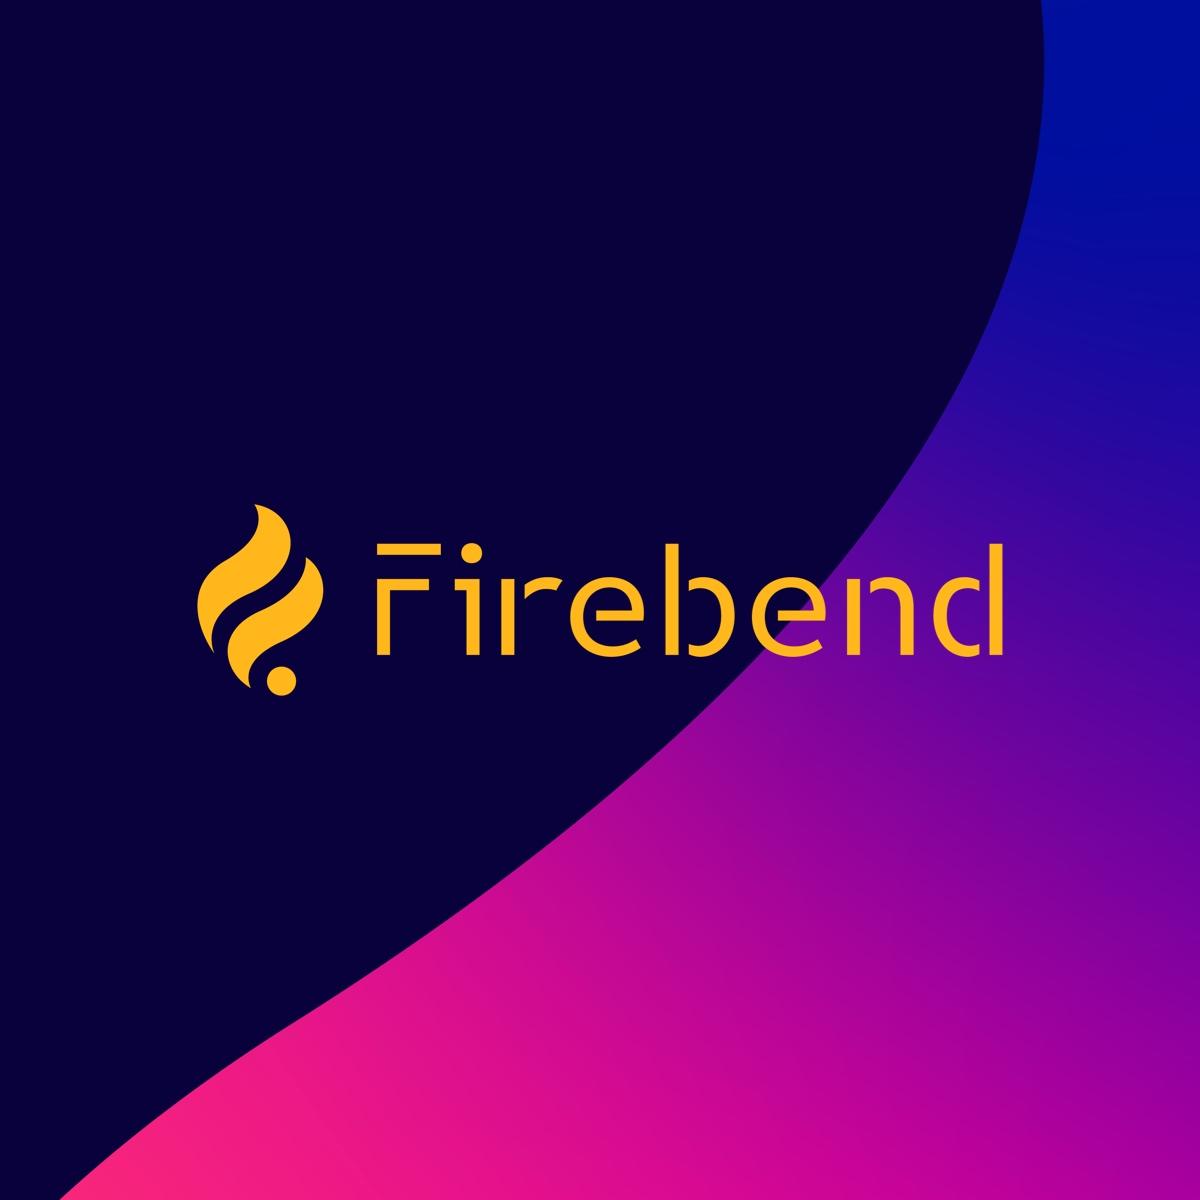 firebend logo